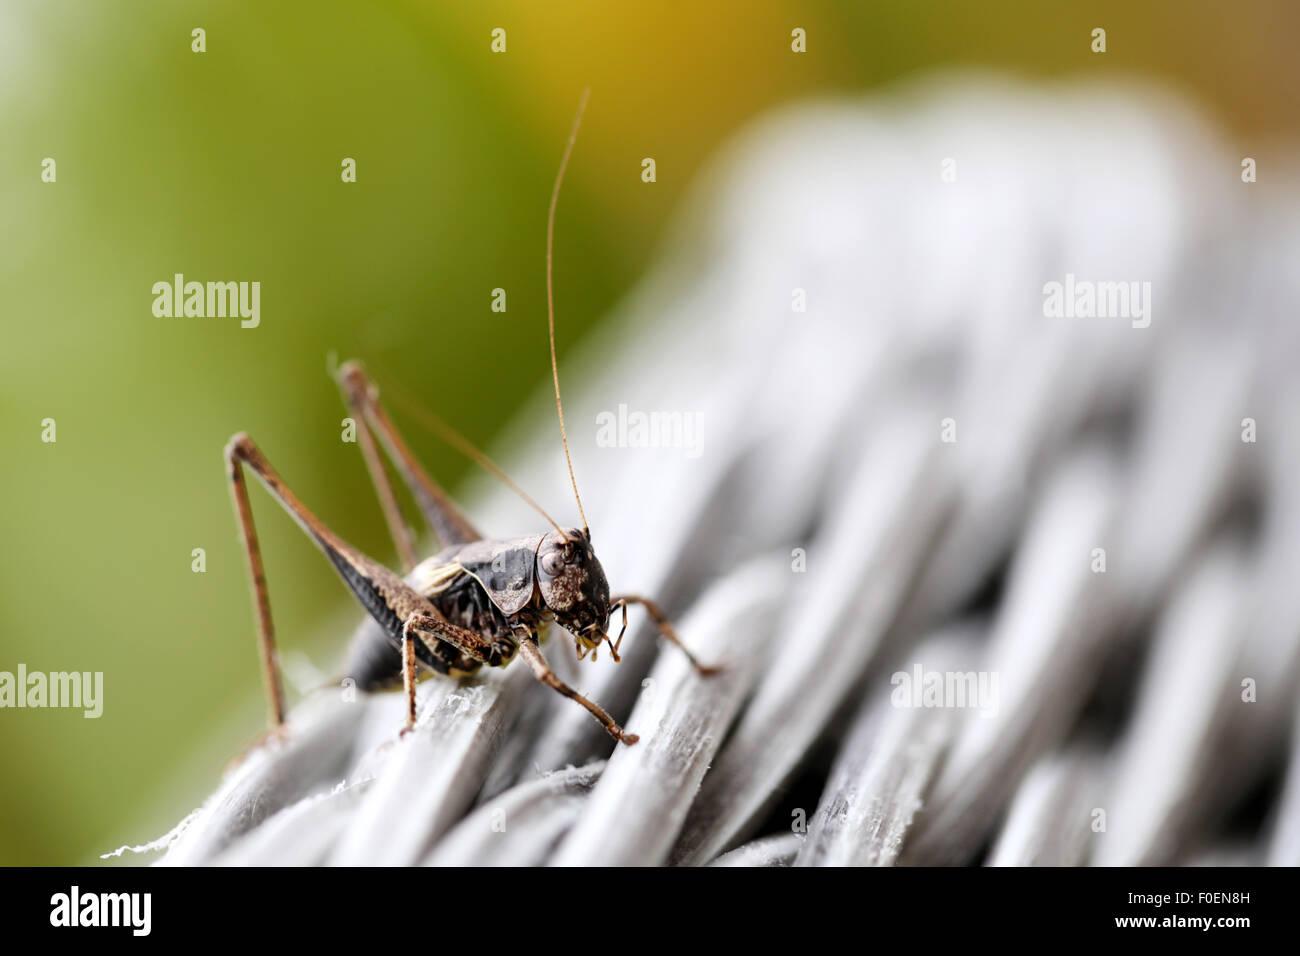 Una boccola scuro Cricket, Pholidoptera griseoaptera, arrampicata su mobili da giardino in un suburban giardino Immagini Stock